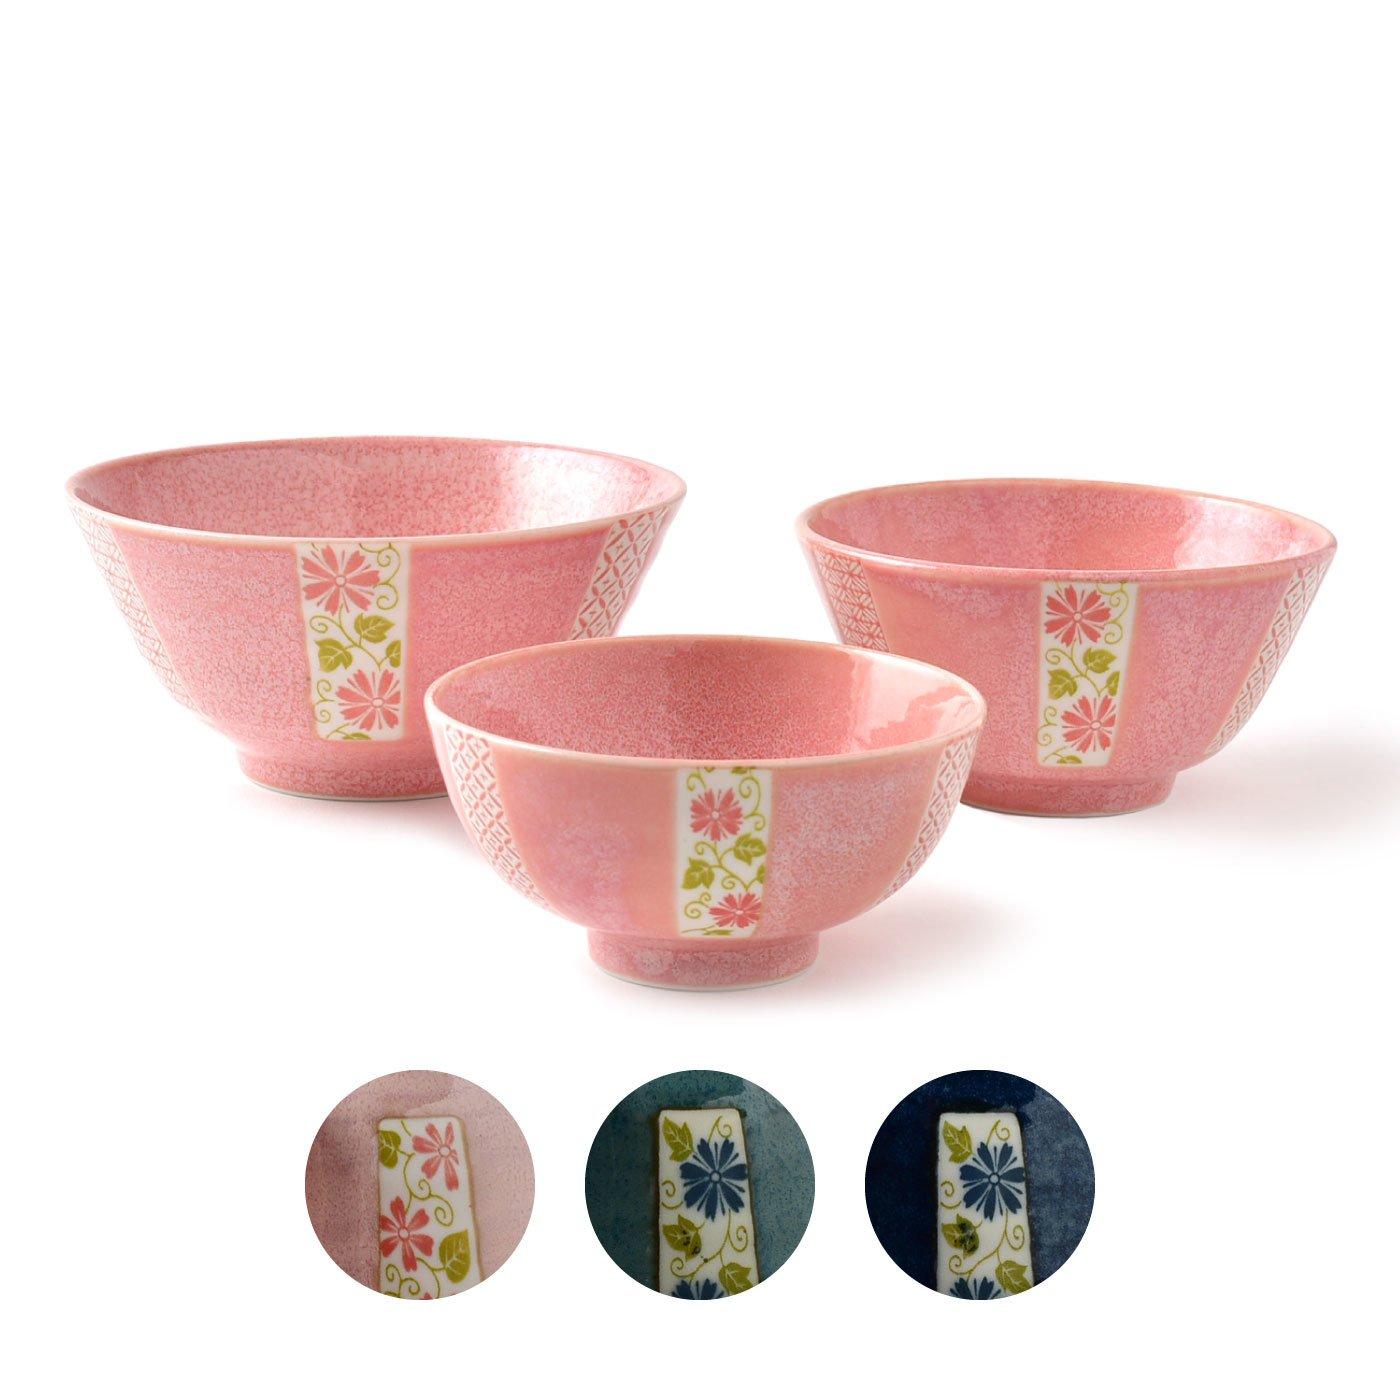 入れ子になる花文様のお茶碗 「京花」3点セット